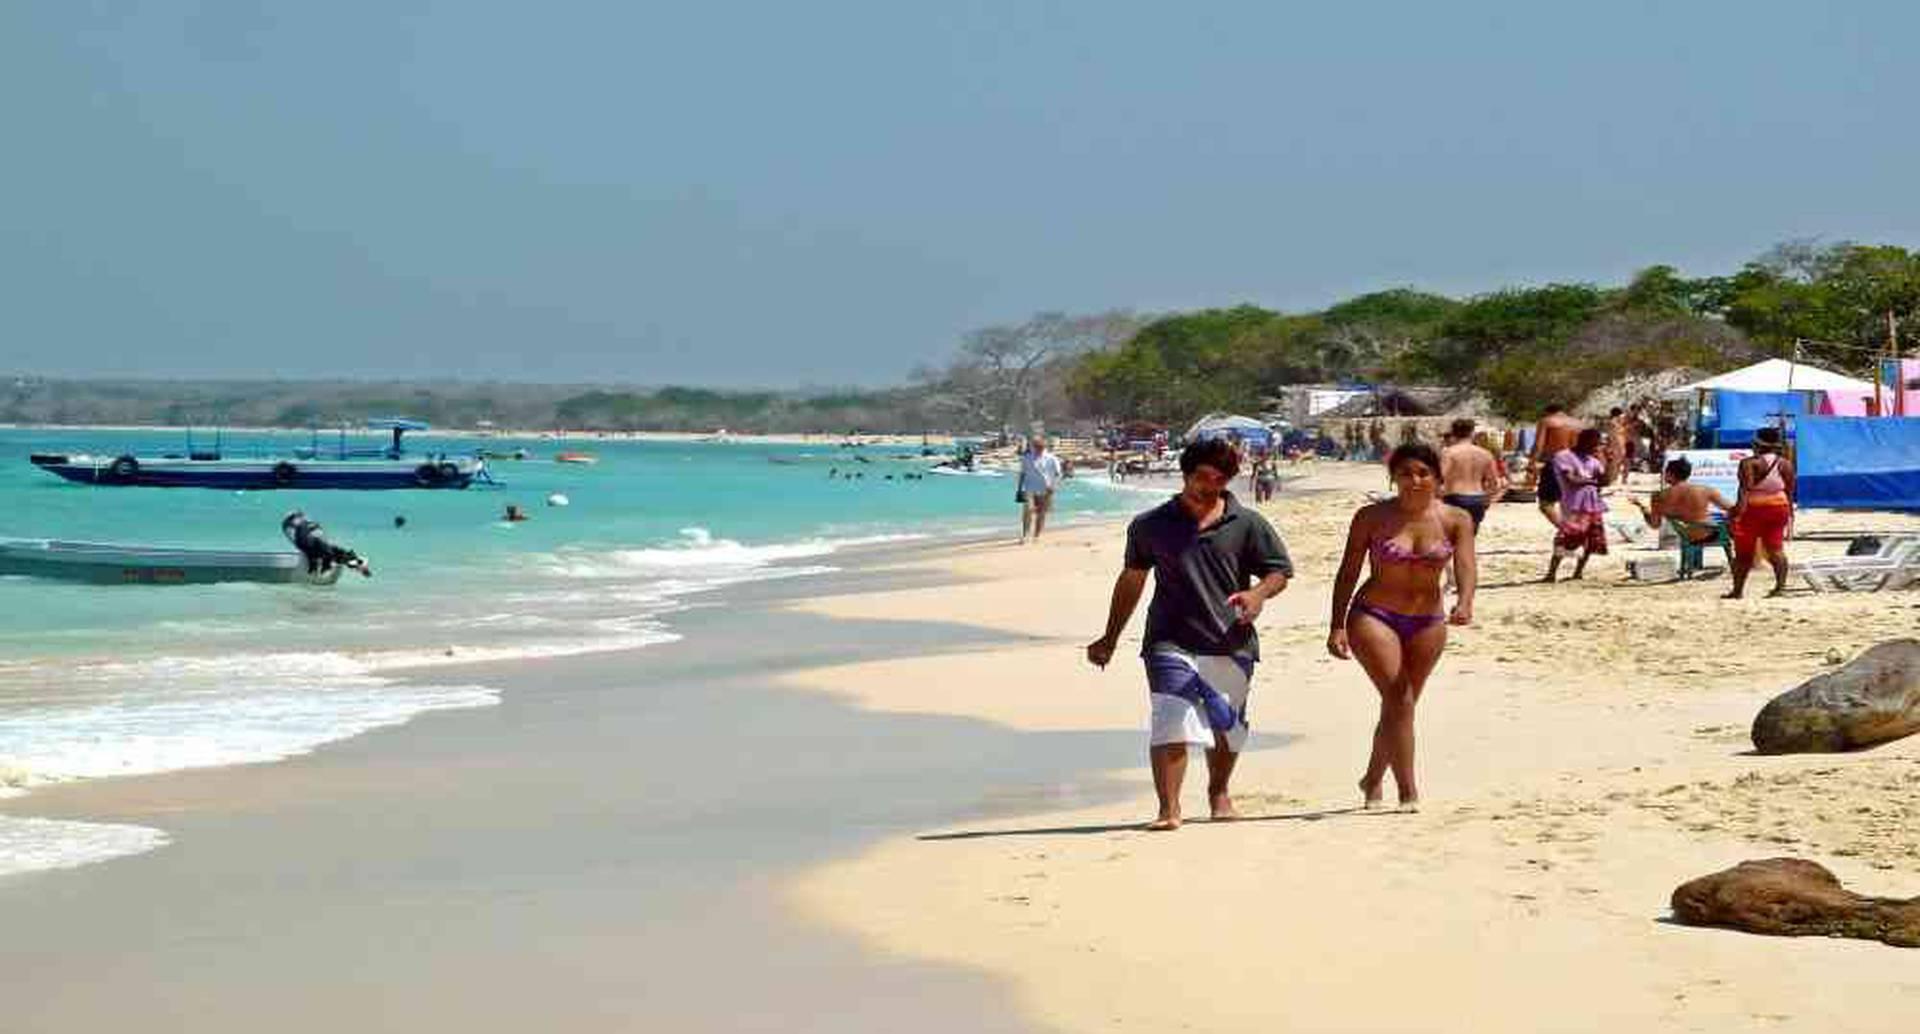 El exceso de turistas viene generando impactos negativos en el ecosistema de Playa Blanca en Cartagena. Foto: David Shankbone/Wikipedia.